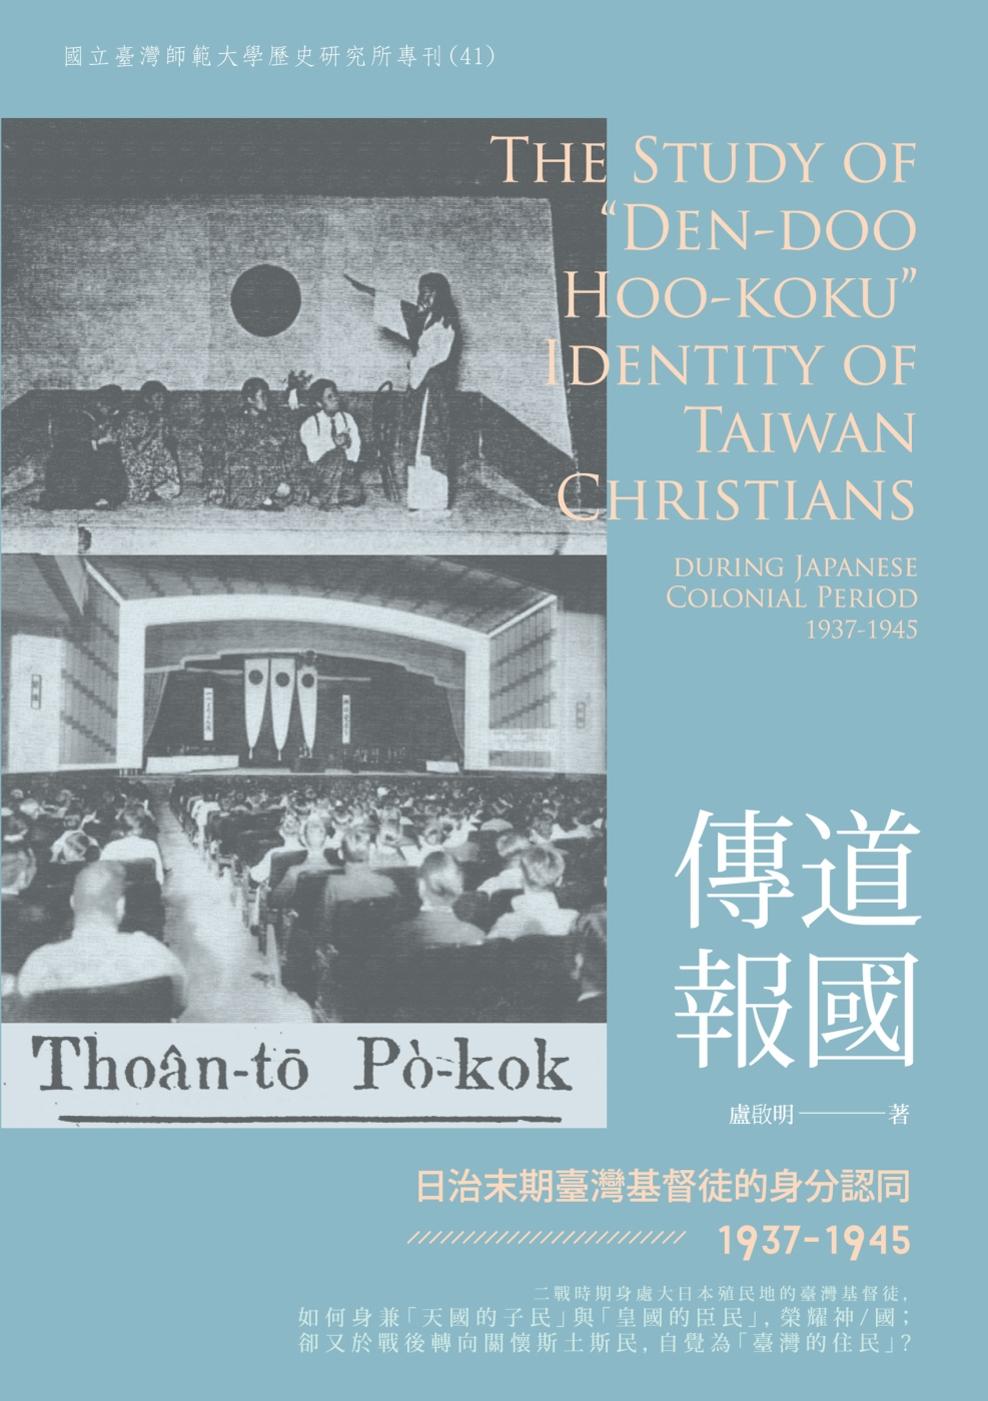 傳道報國:日治末期臺灣基督徒的身分認同(1937 -1945)